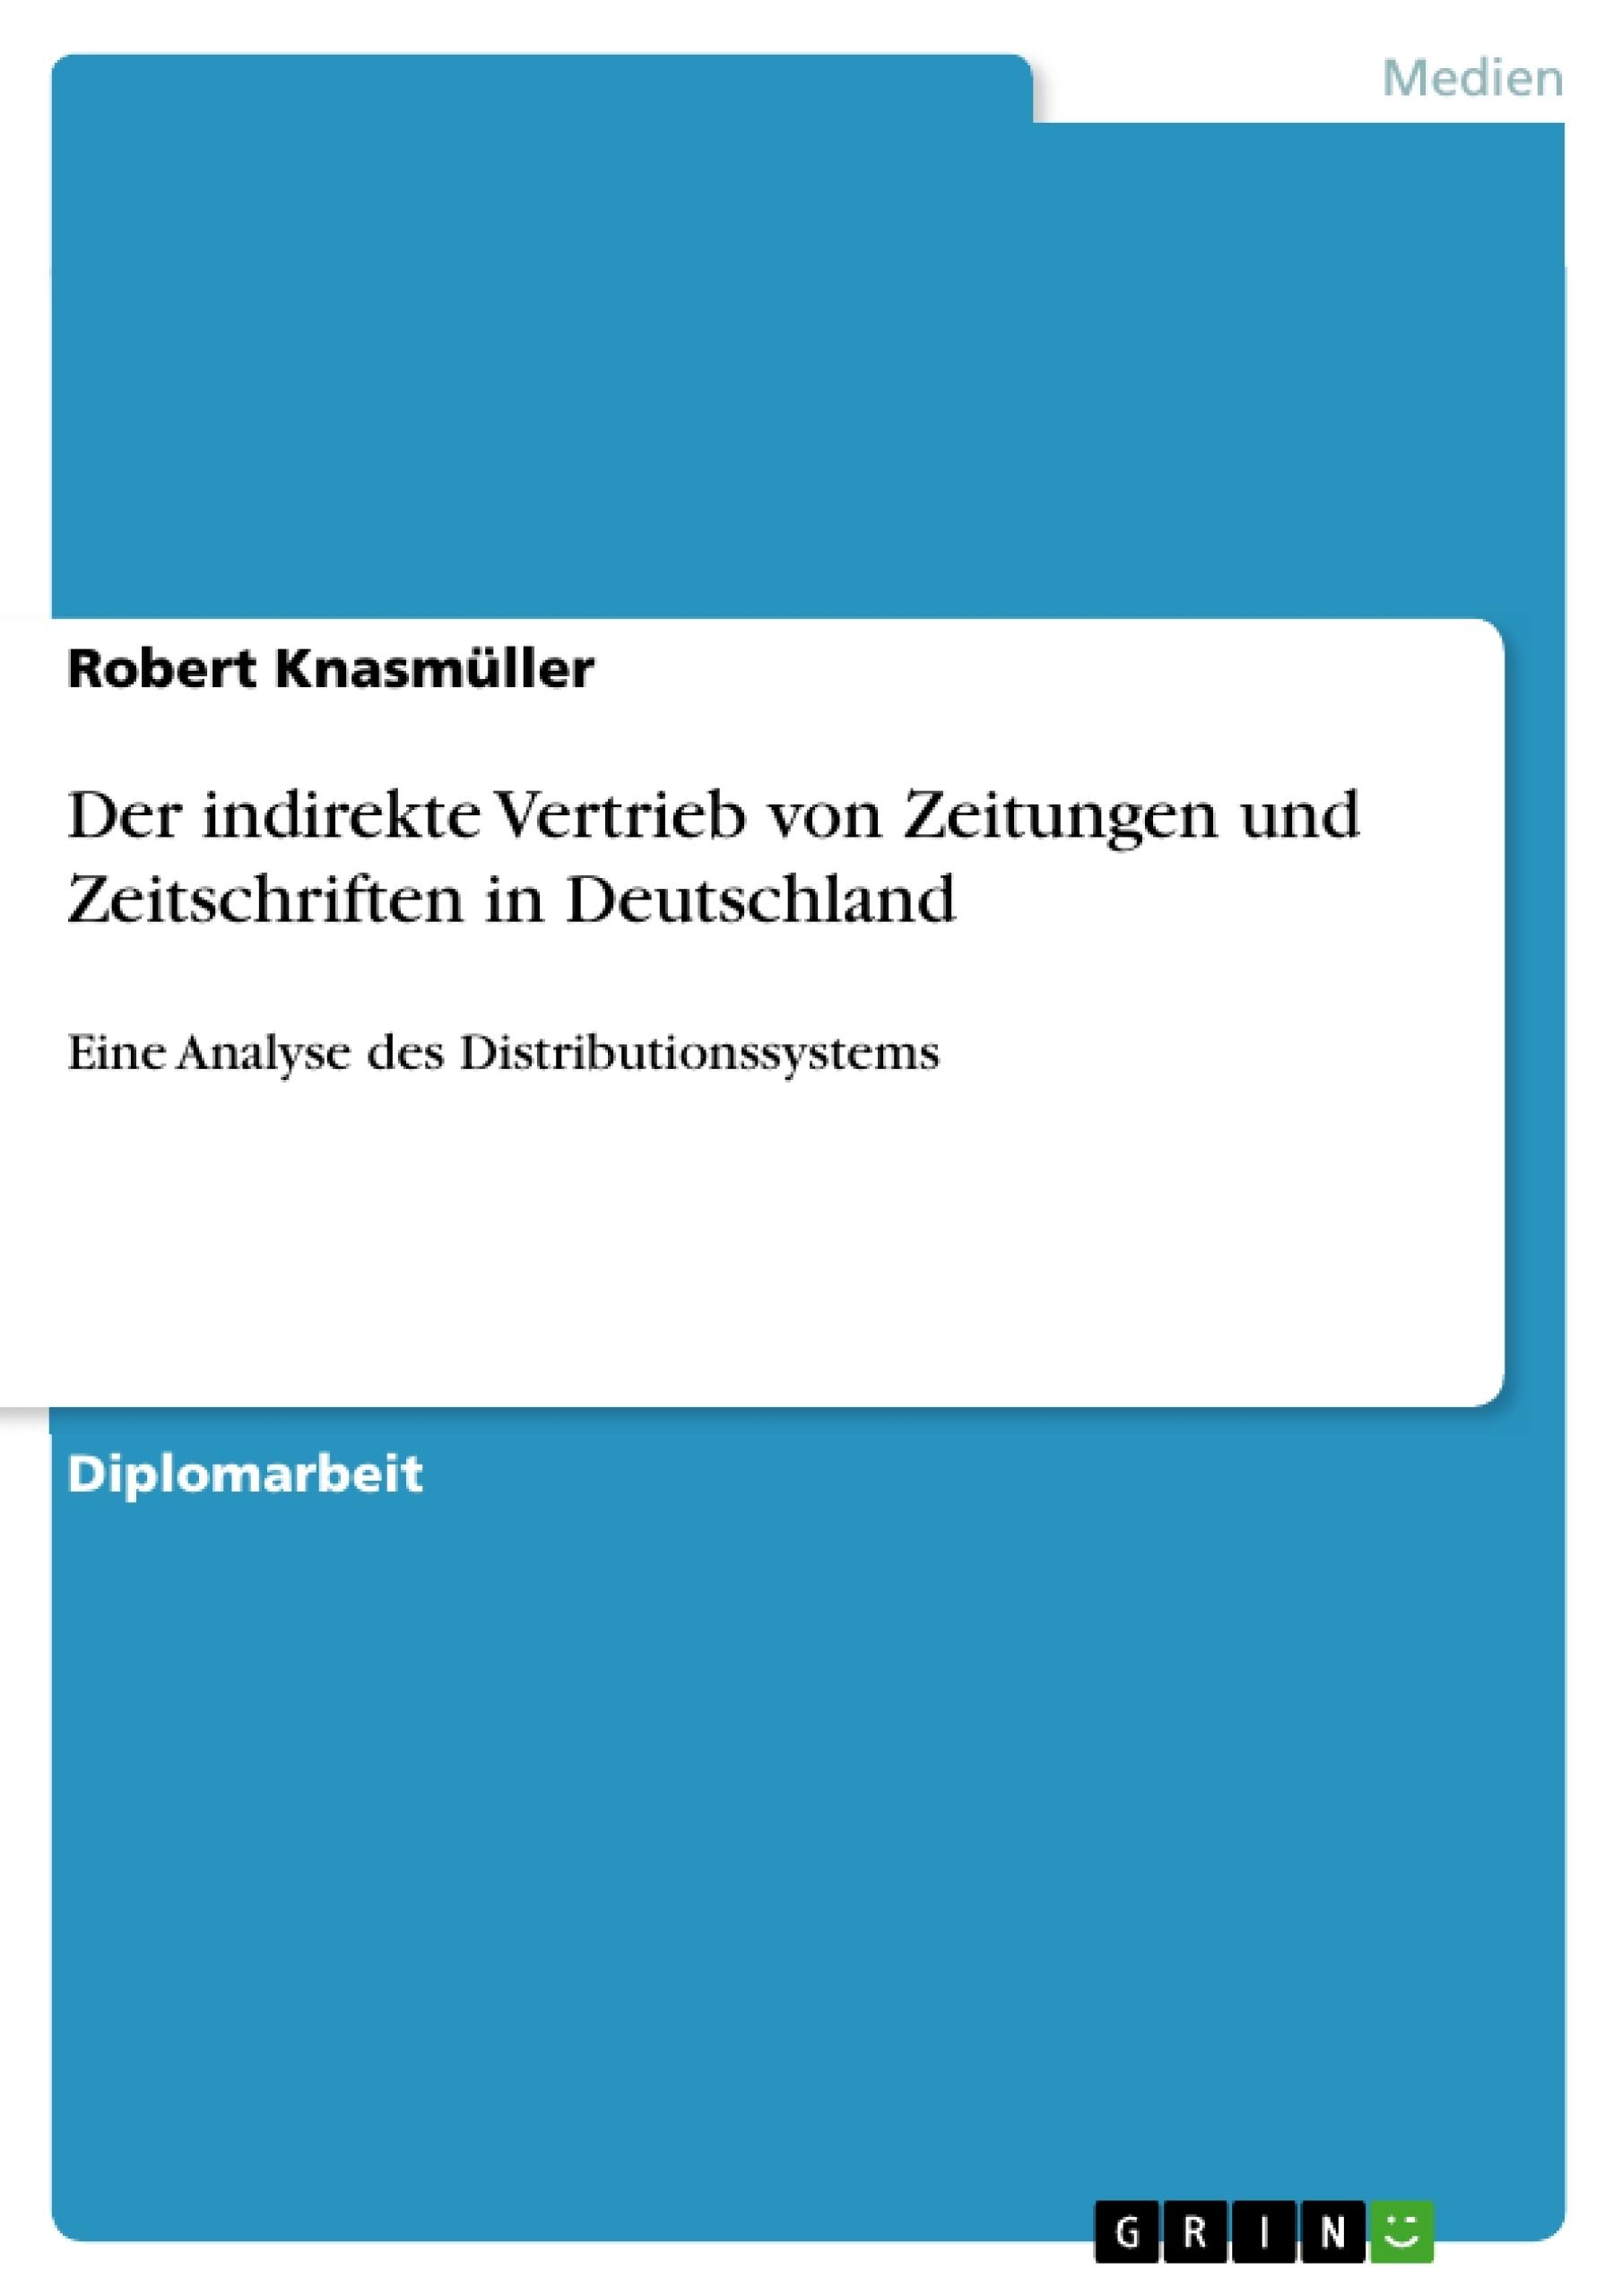 Titel: Der indirekte Vertrieb von Zeitungen und Zeitschriften in Deutschland